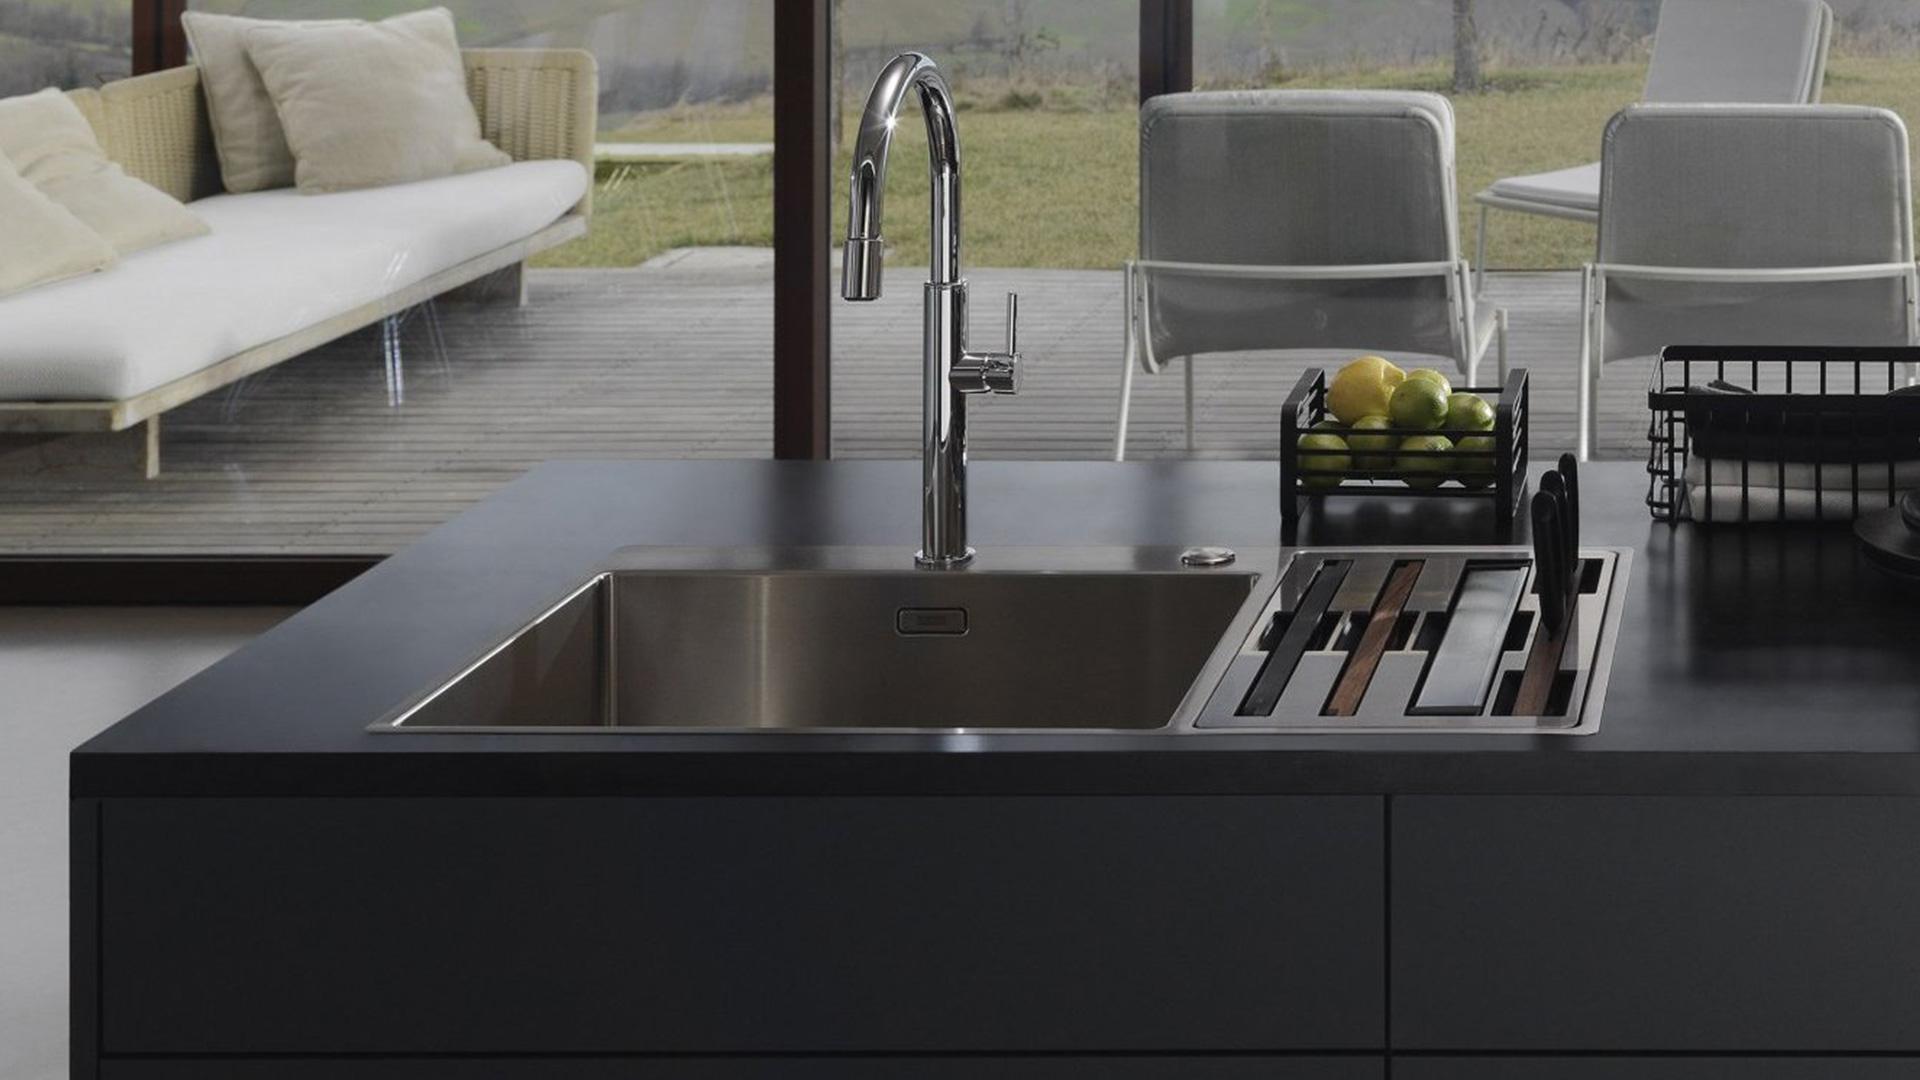 Lavello Cucina Una Vasca Grande box center franke, per un'area lavello configurabile e